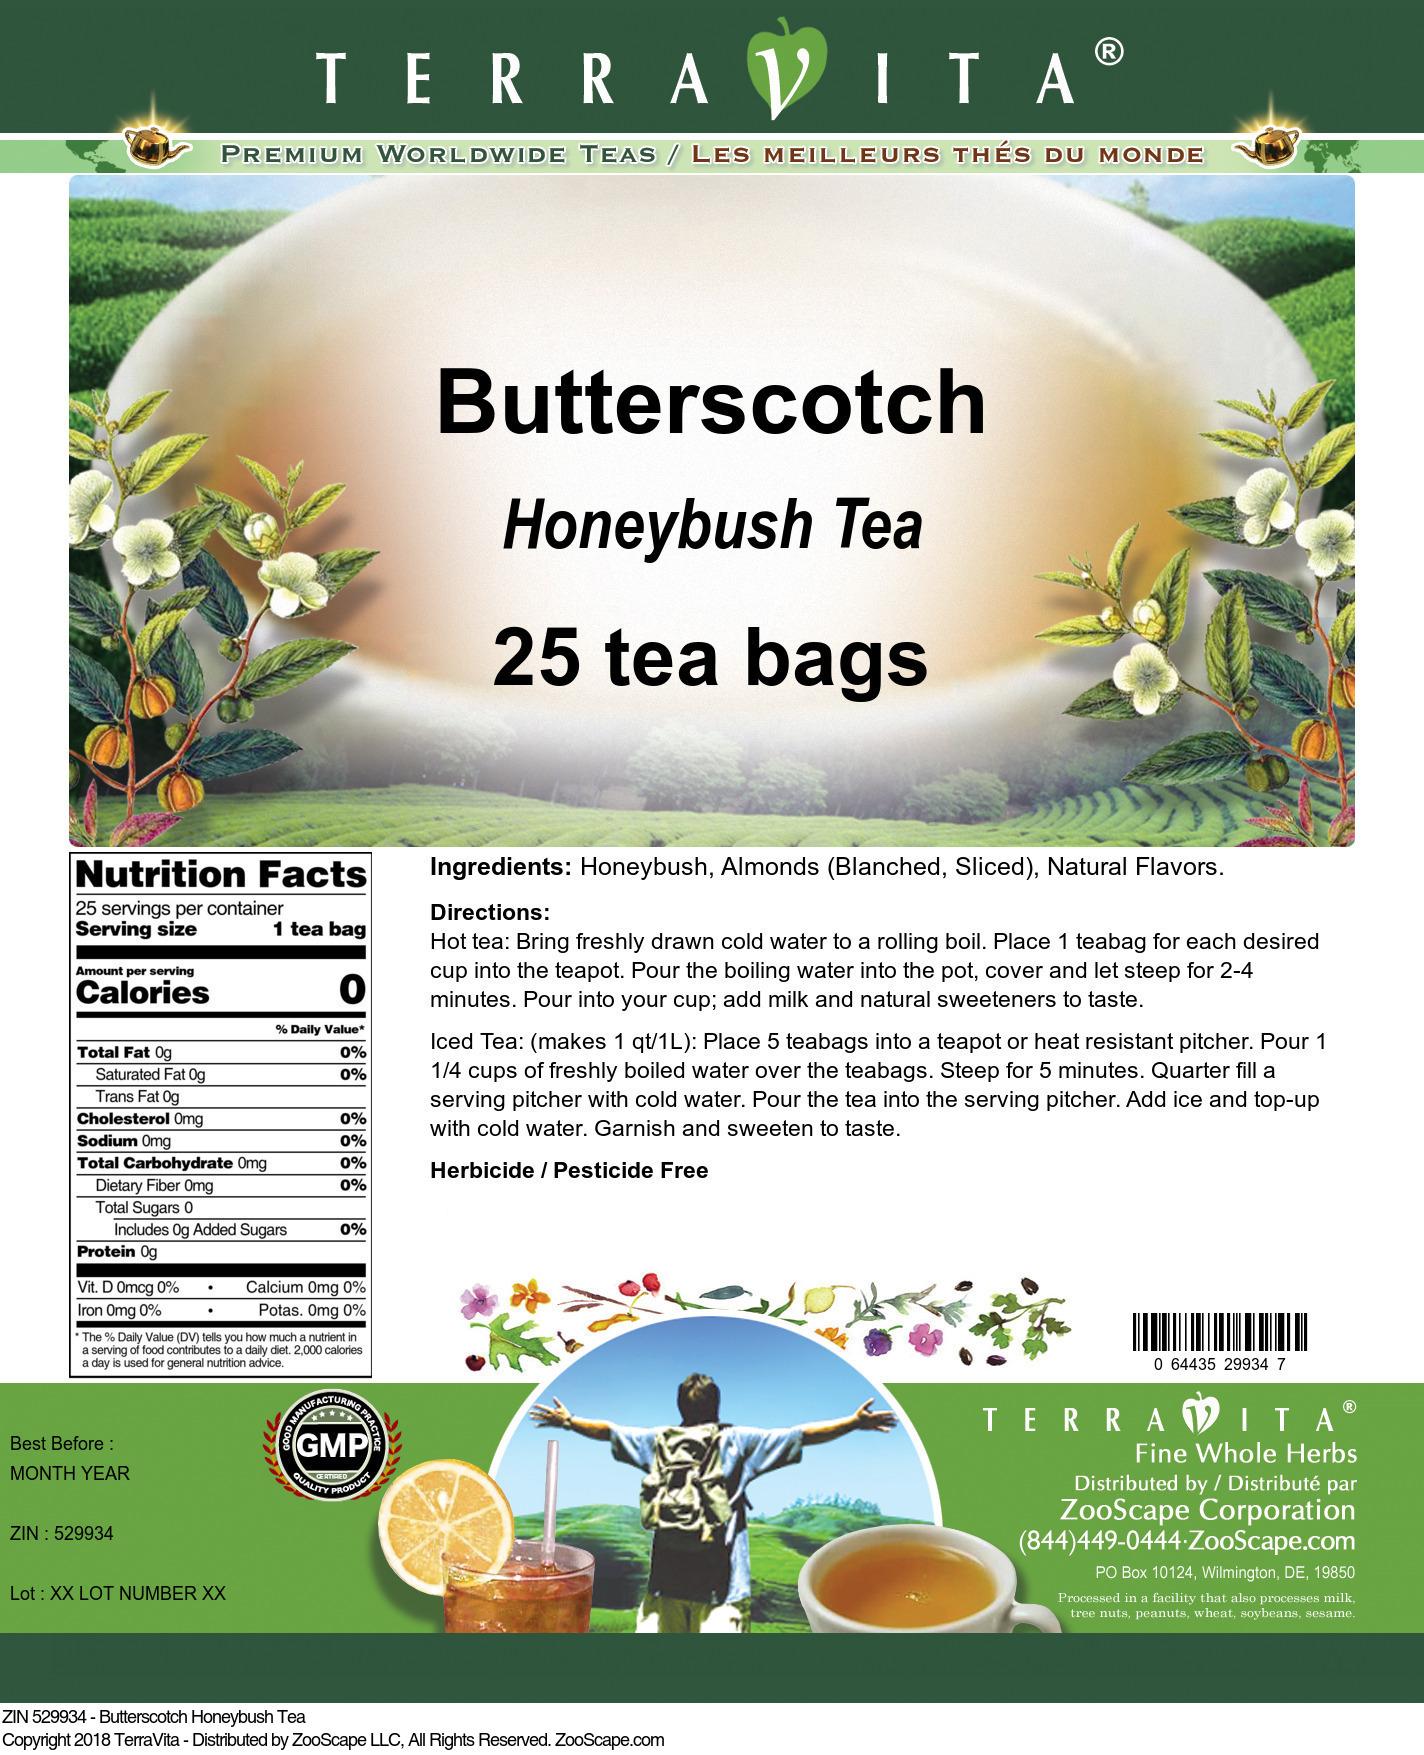 Butterscotch Honeybush Tea